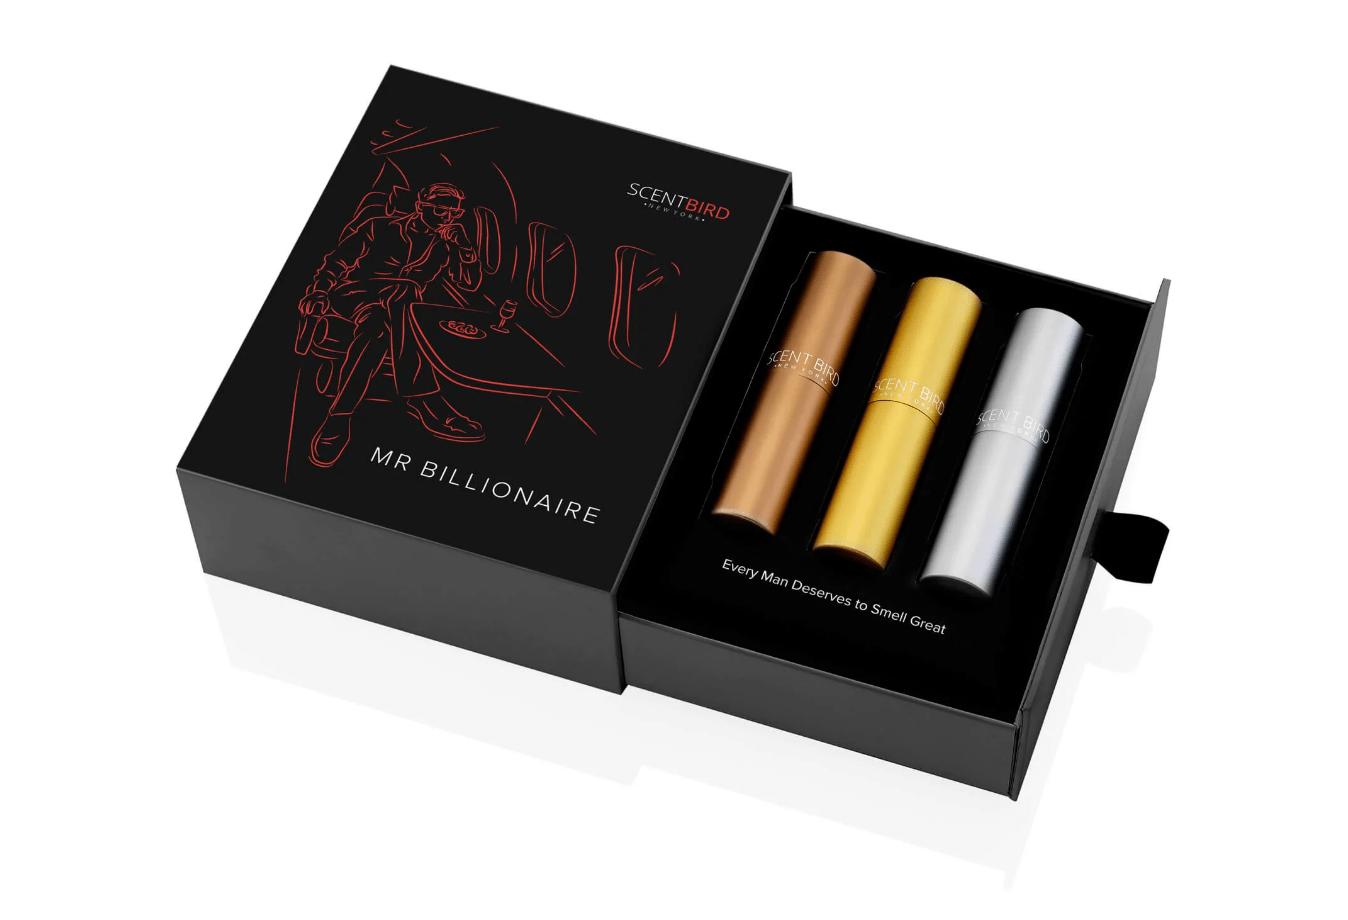 Mr Billionaire Cologne Gift Set